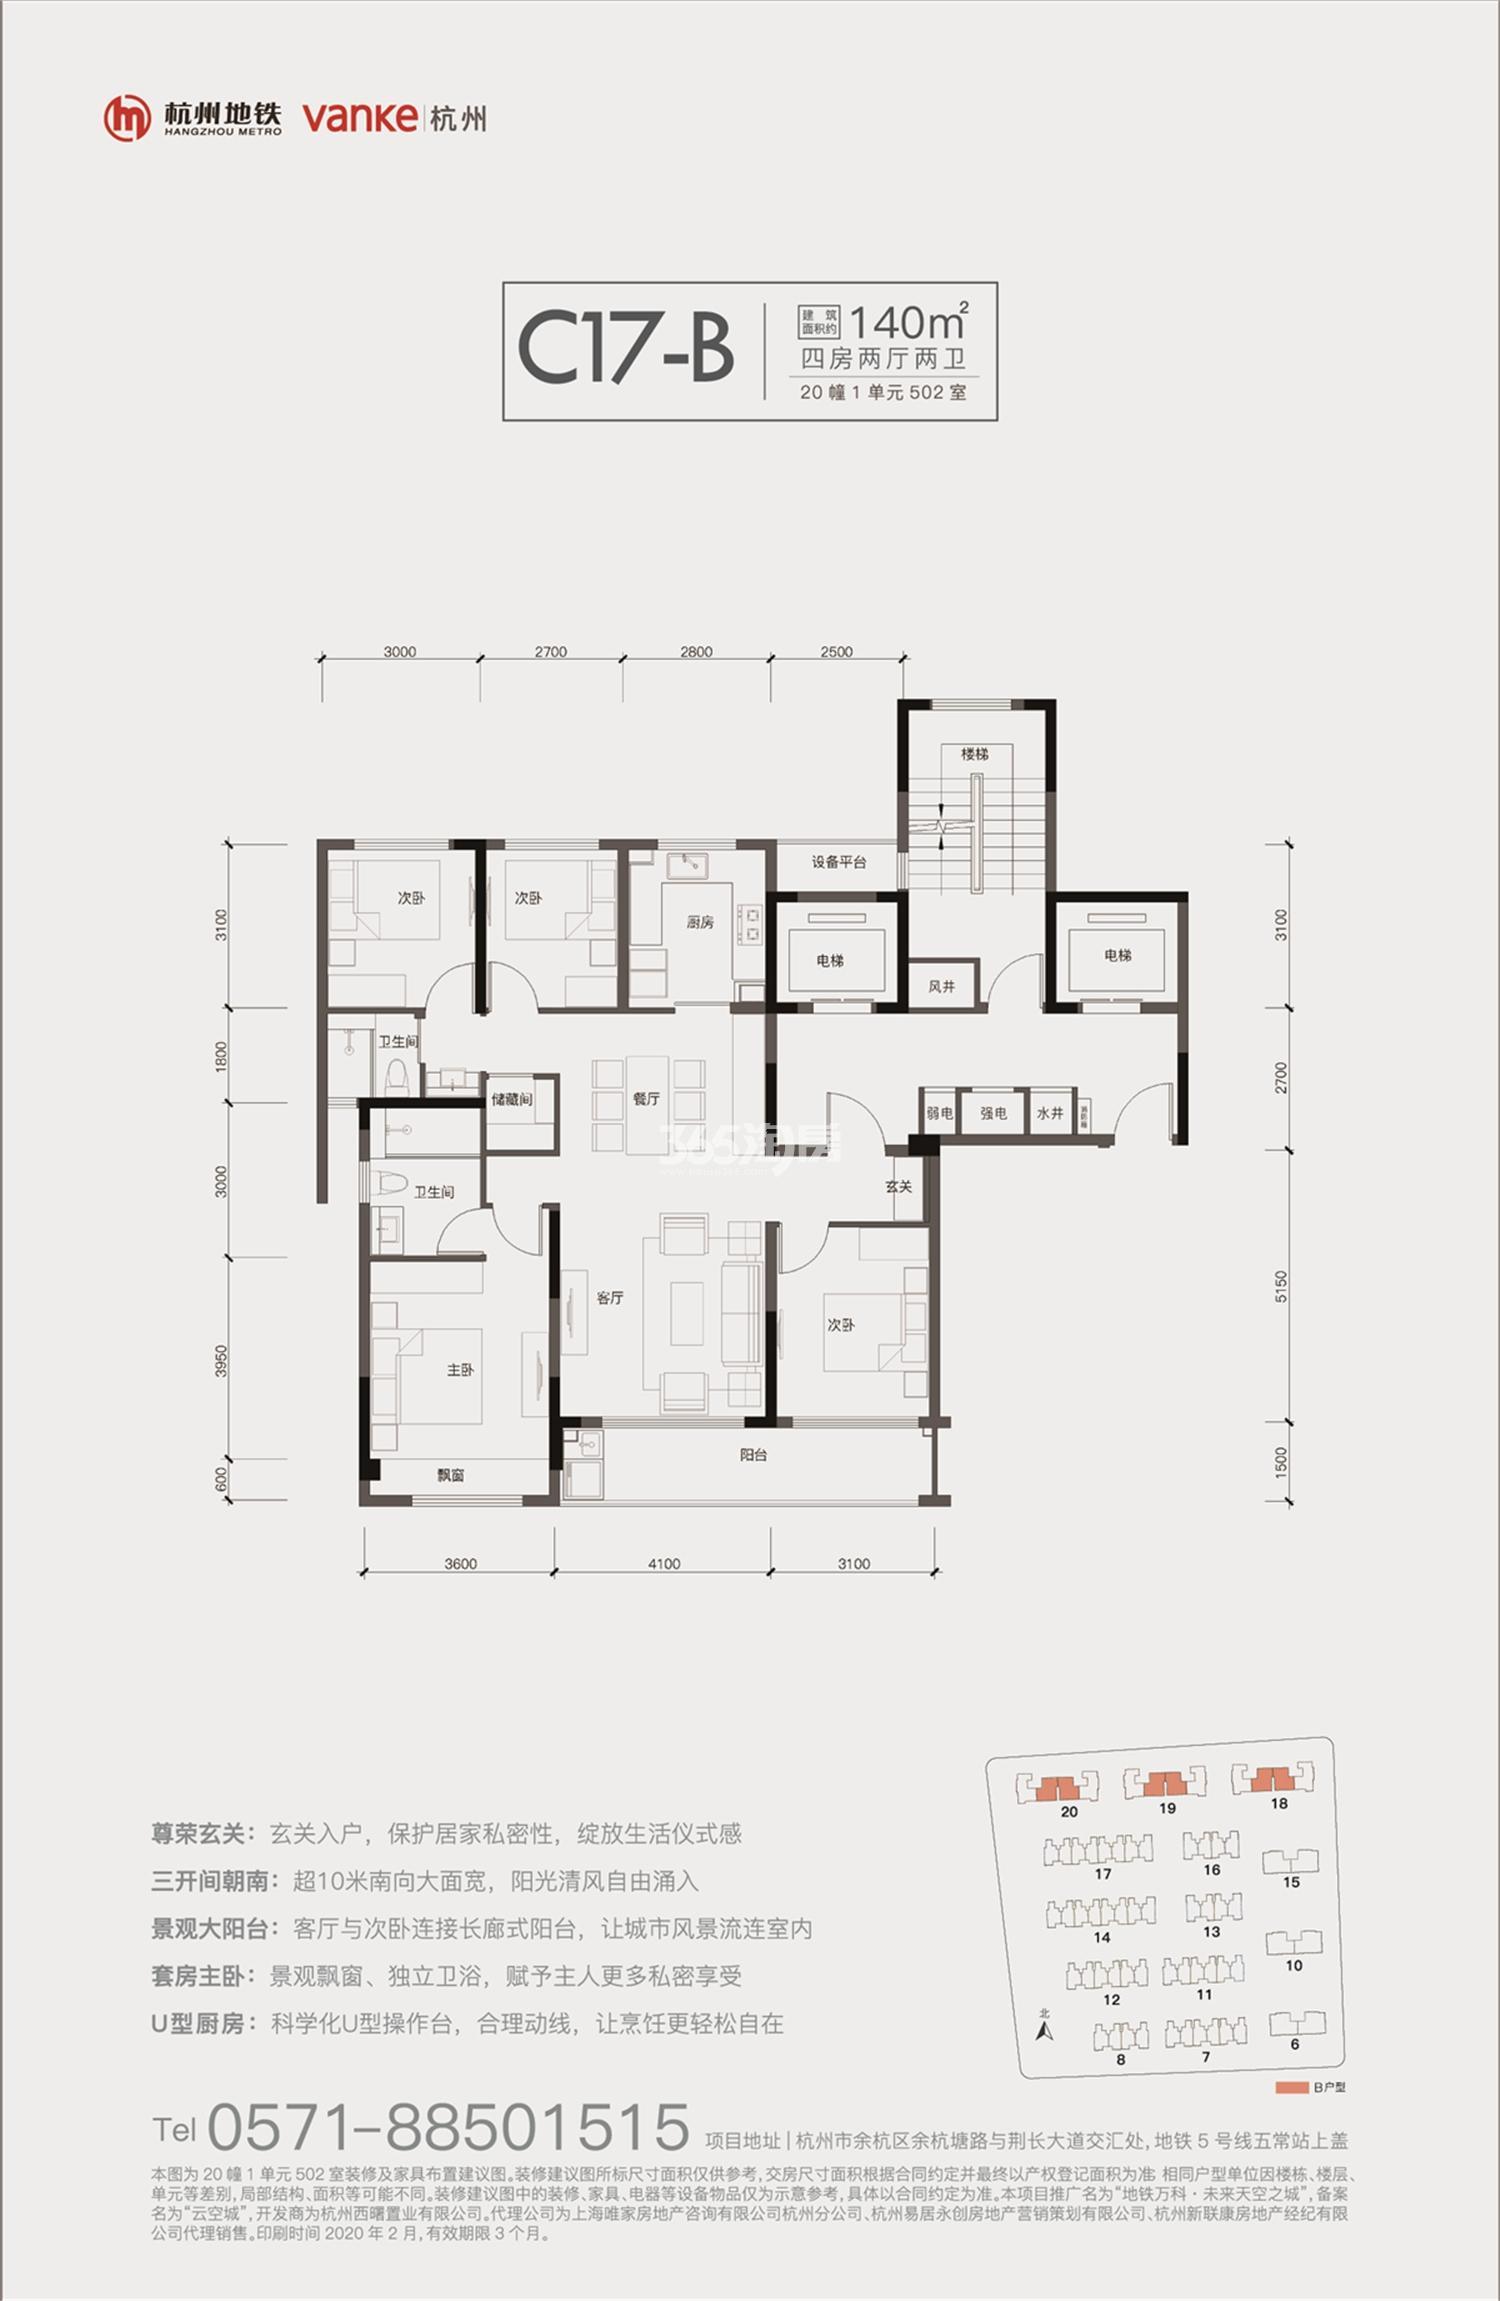 地铁万科未来天空之城一期盖下住宅高层18-20号楼中间套C17-B户型 约140㎡